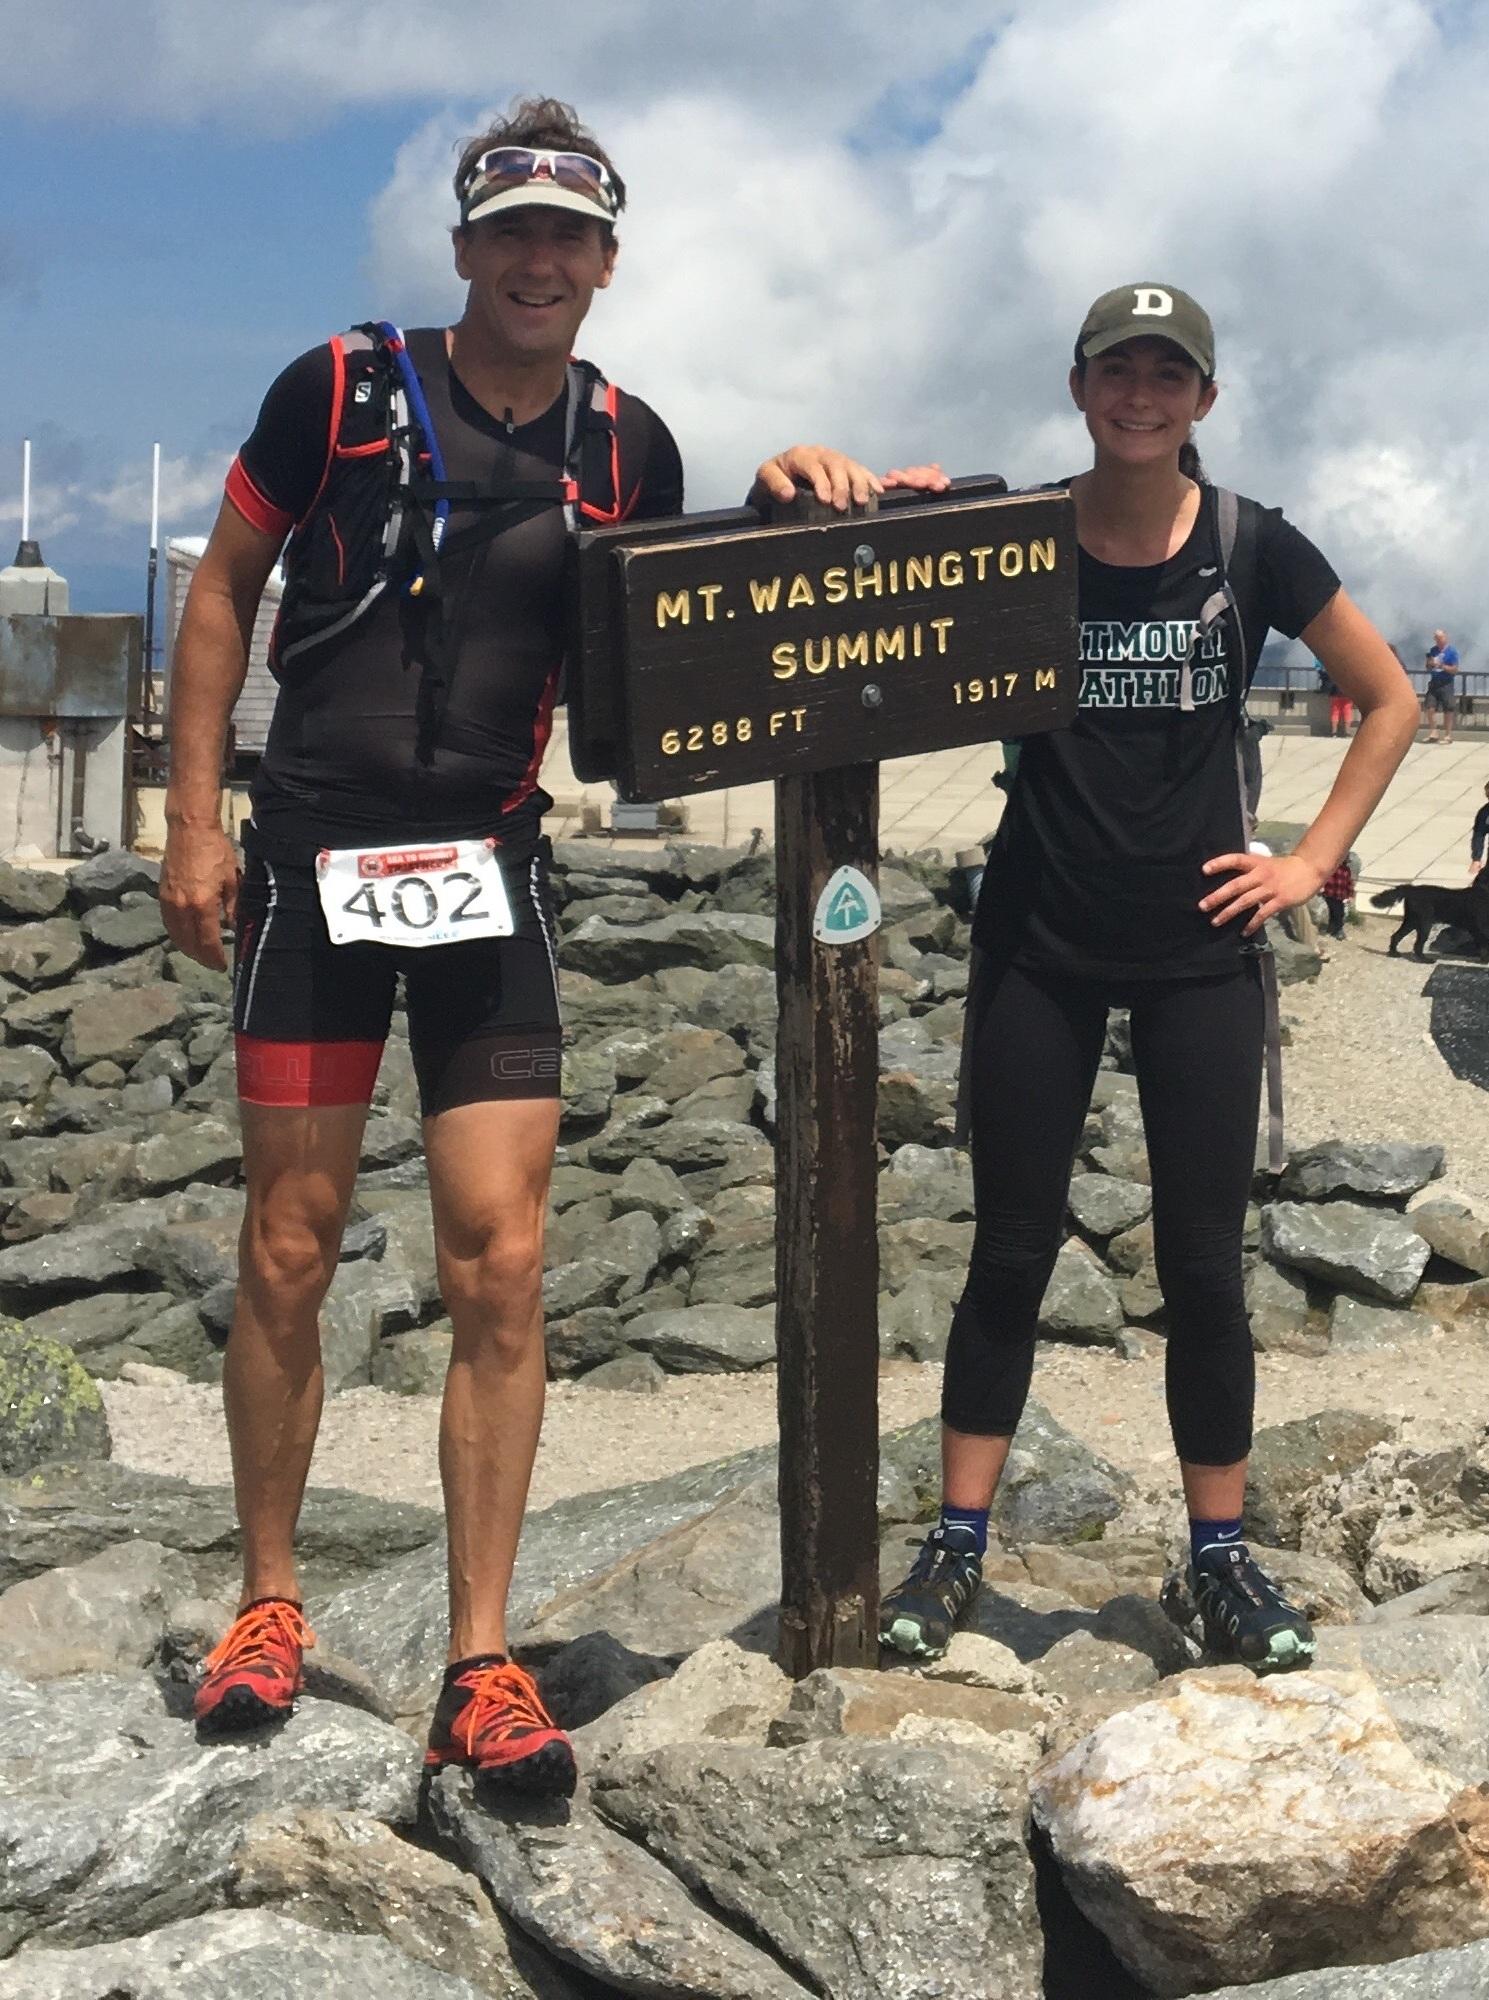 Sea_to_Summit_Finish_Mt_Washington.jpg